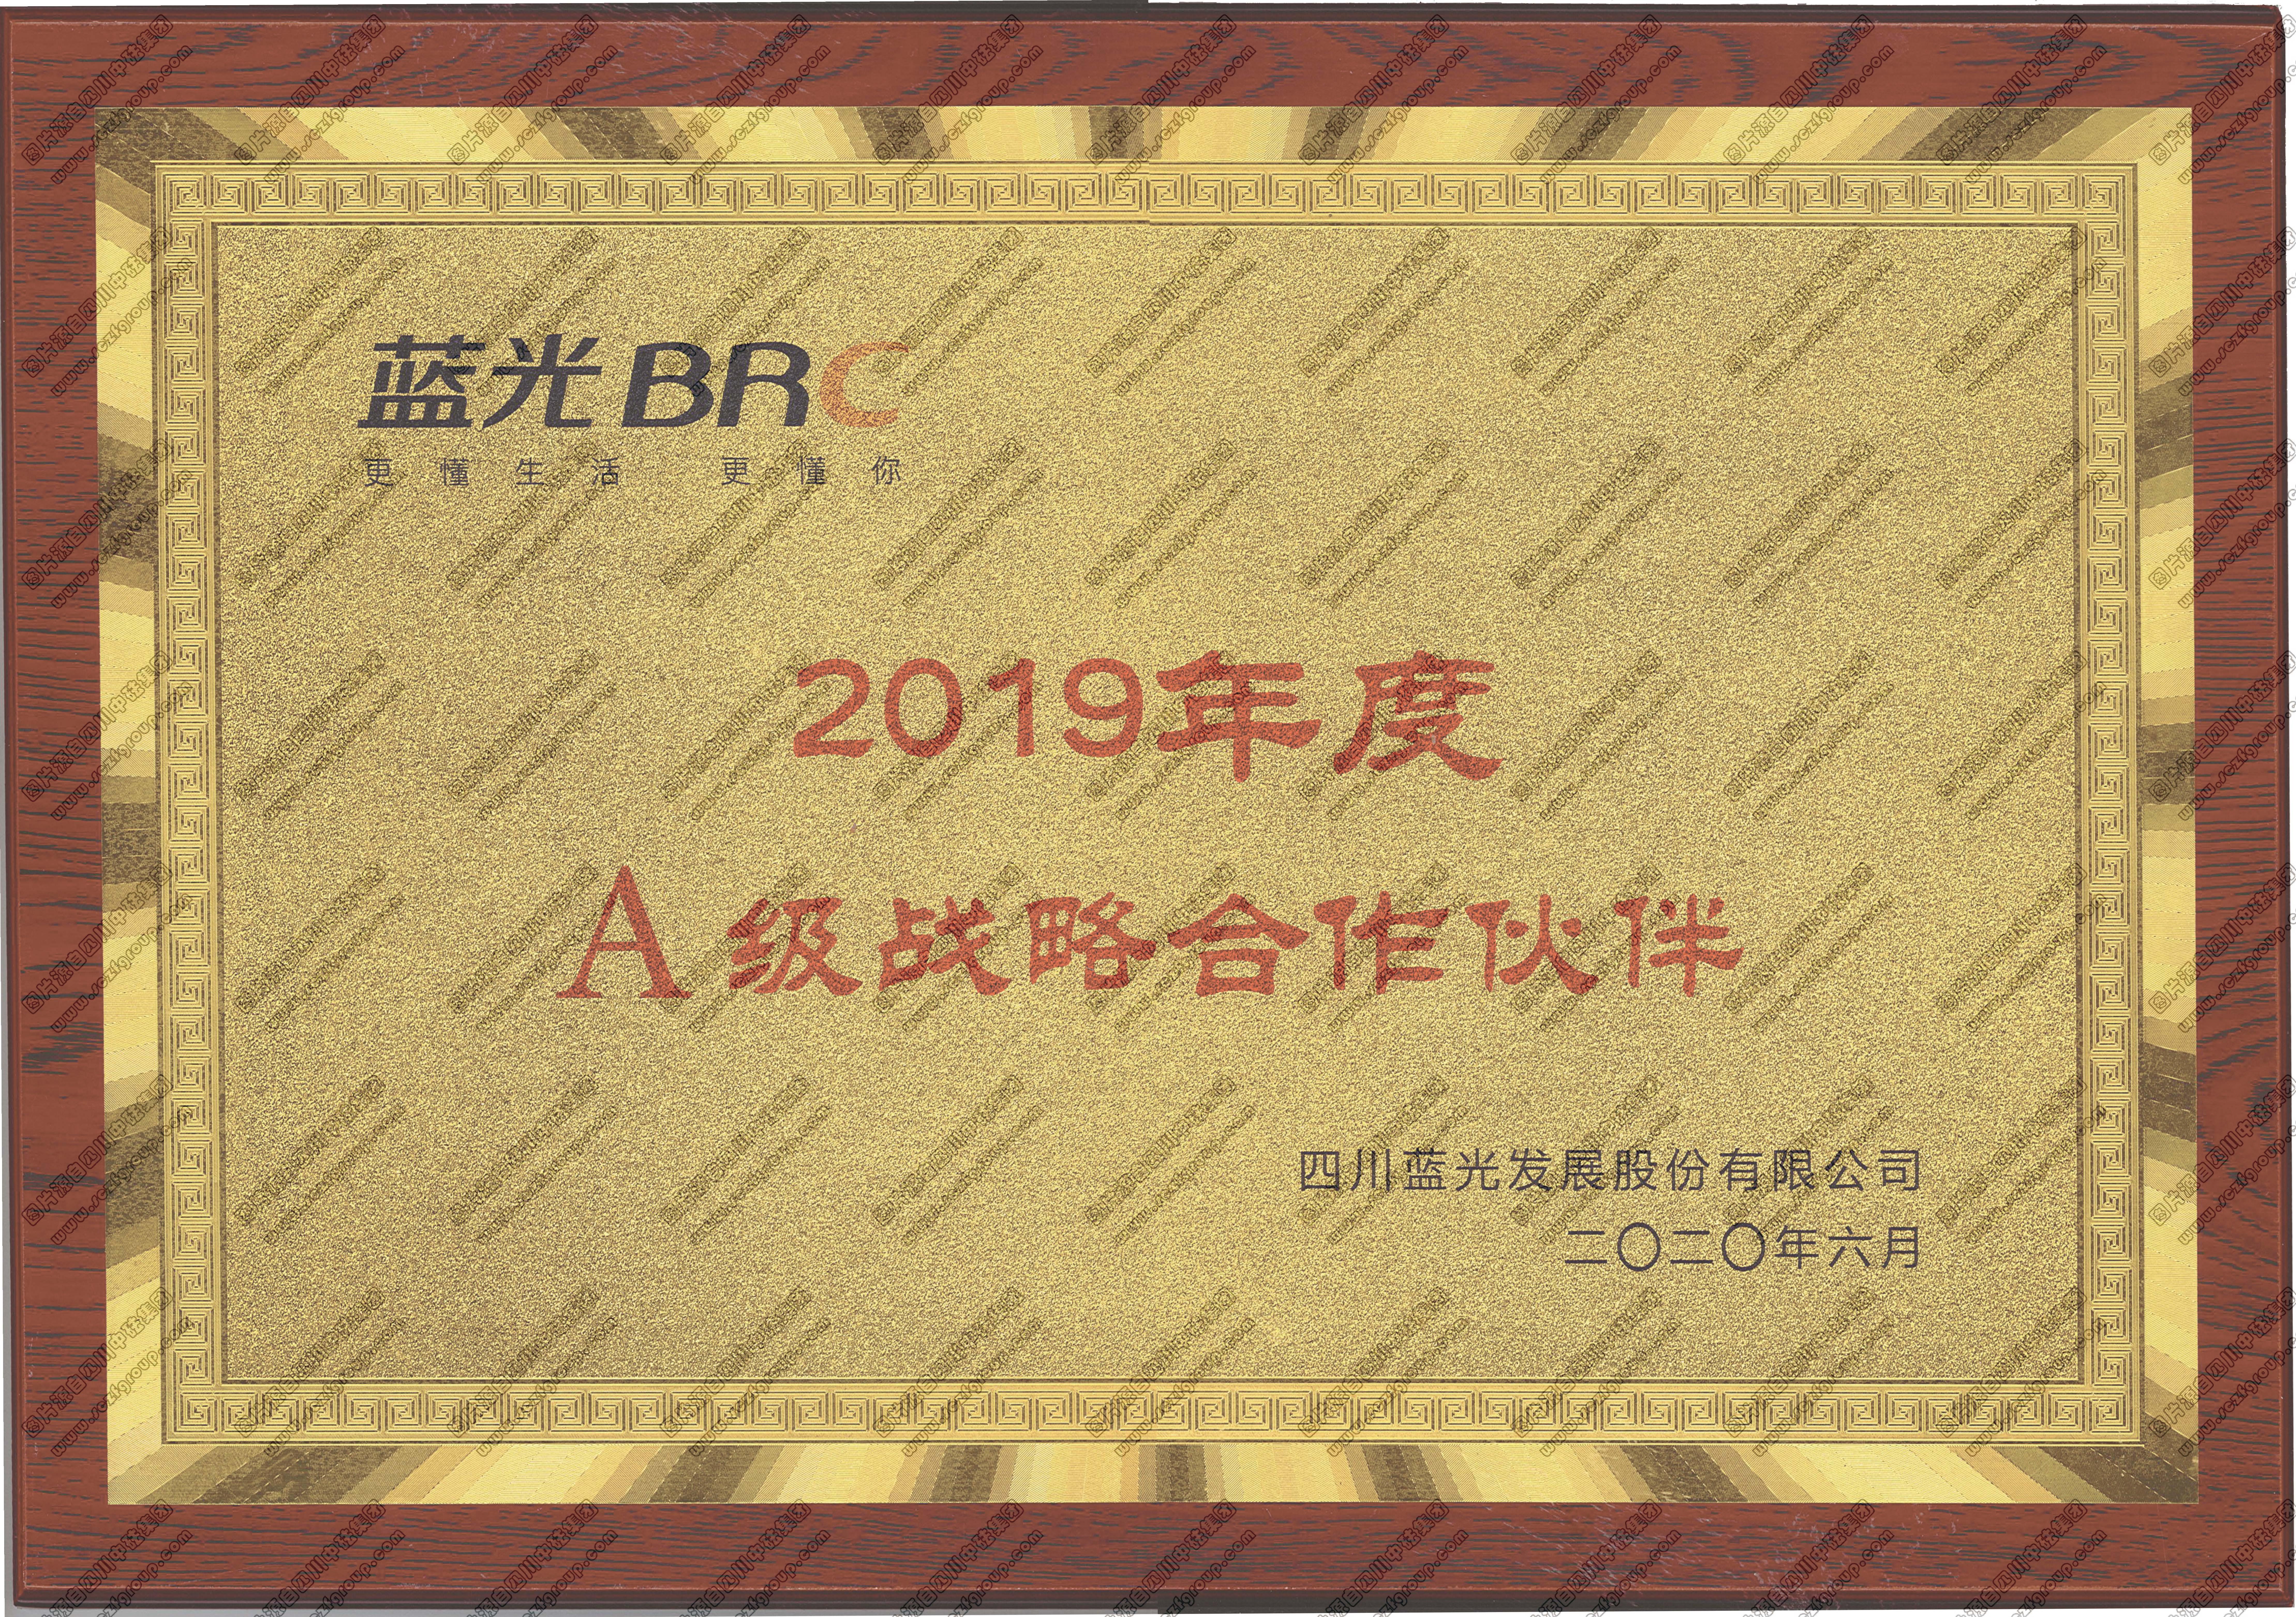 奖牌:蓝光BRC 2019年度A级战略合作伙伴